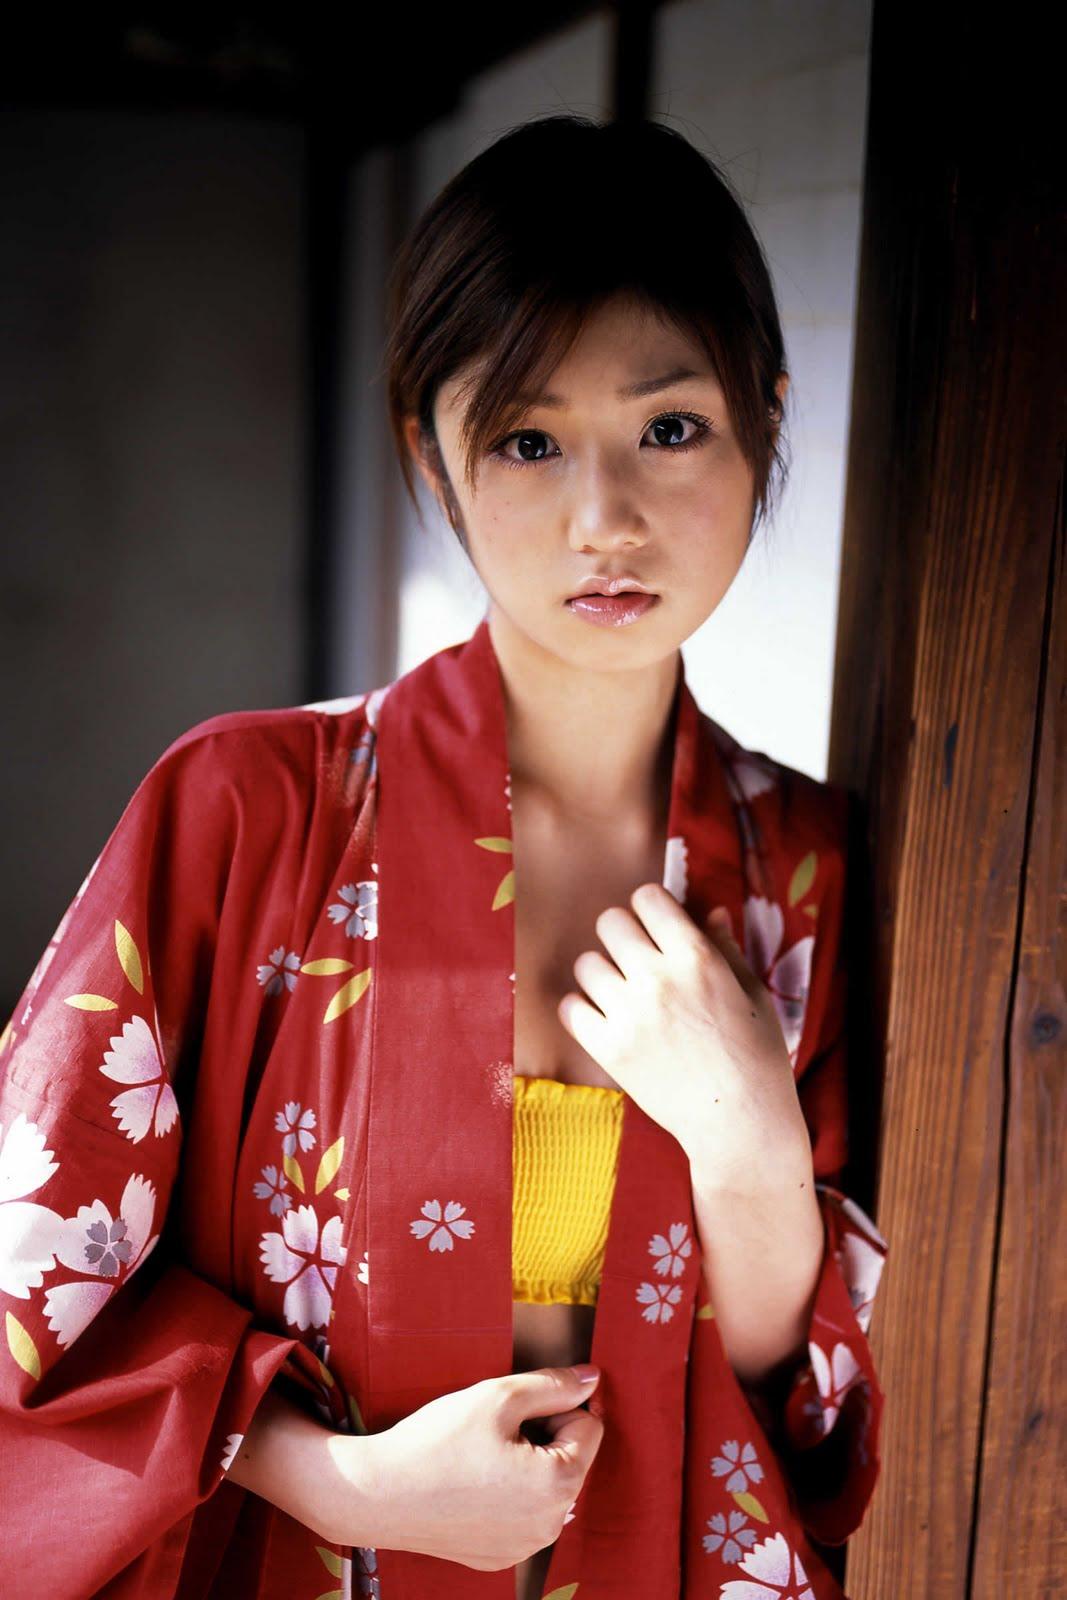 yuko ogura sexy kimono photos 04